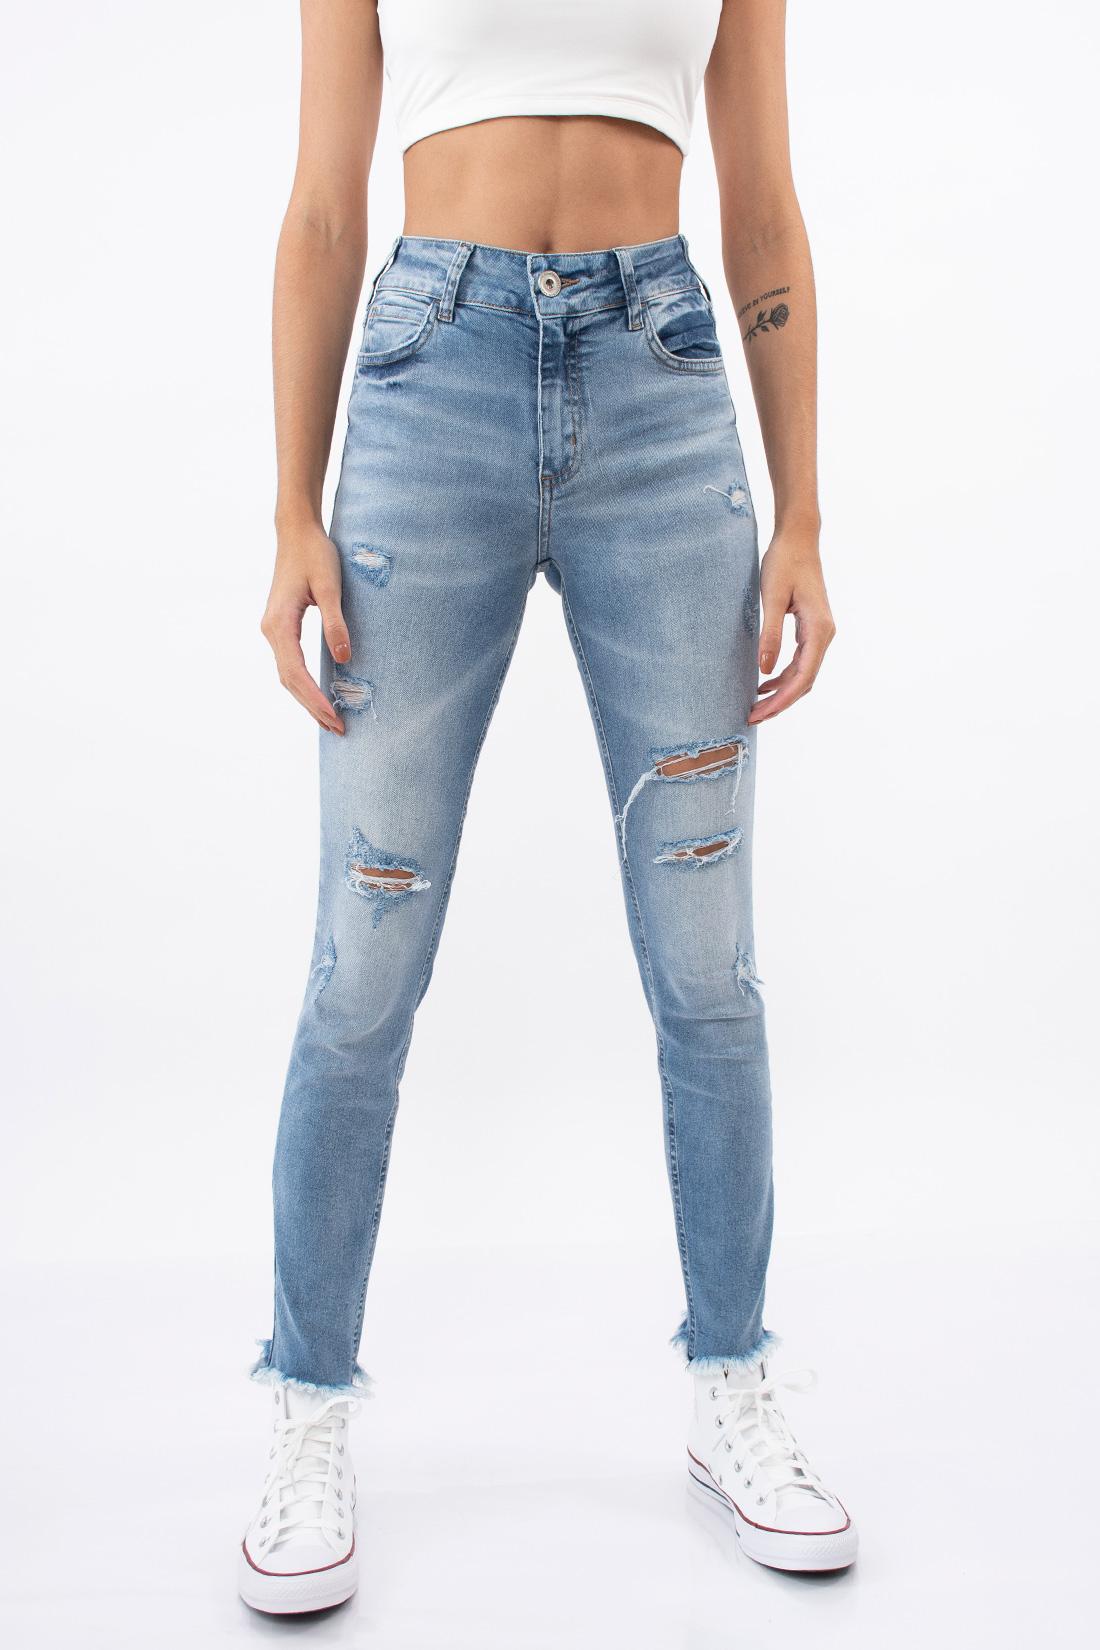 Calca Jeans Colcci Bia Rasgos